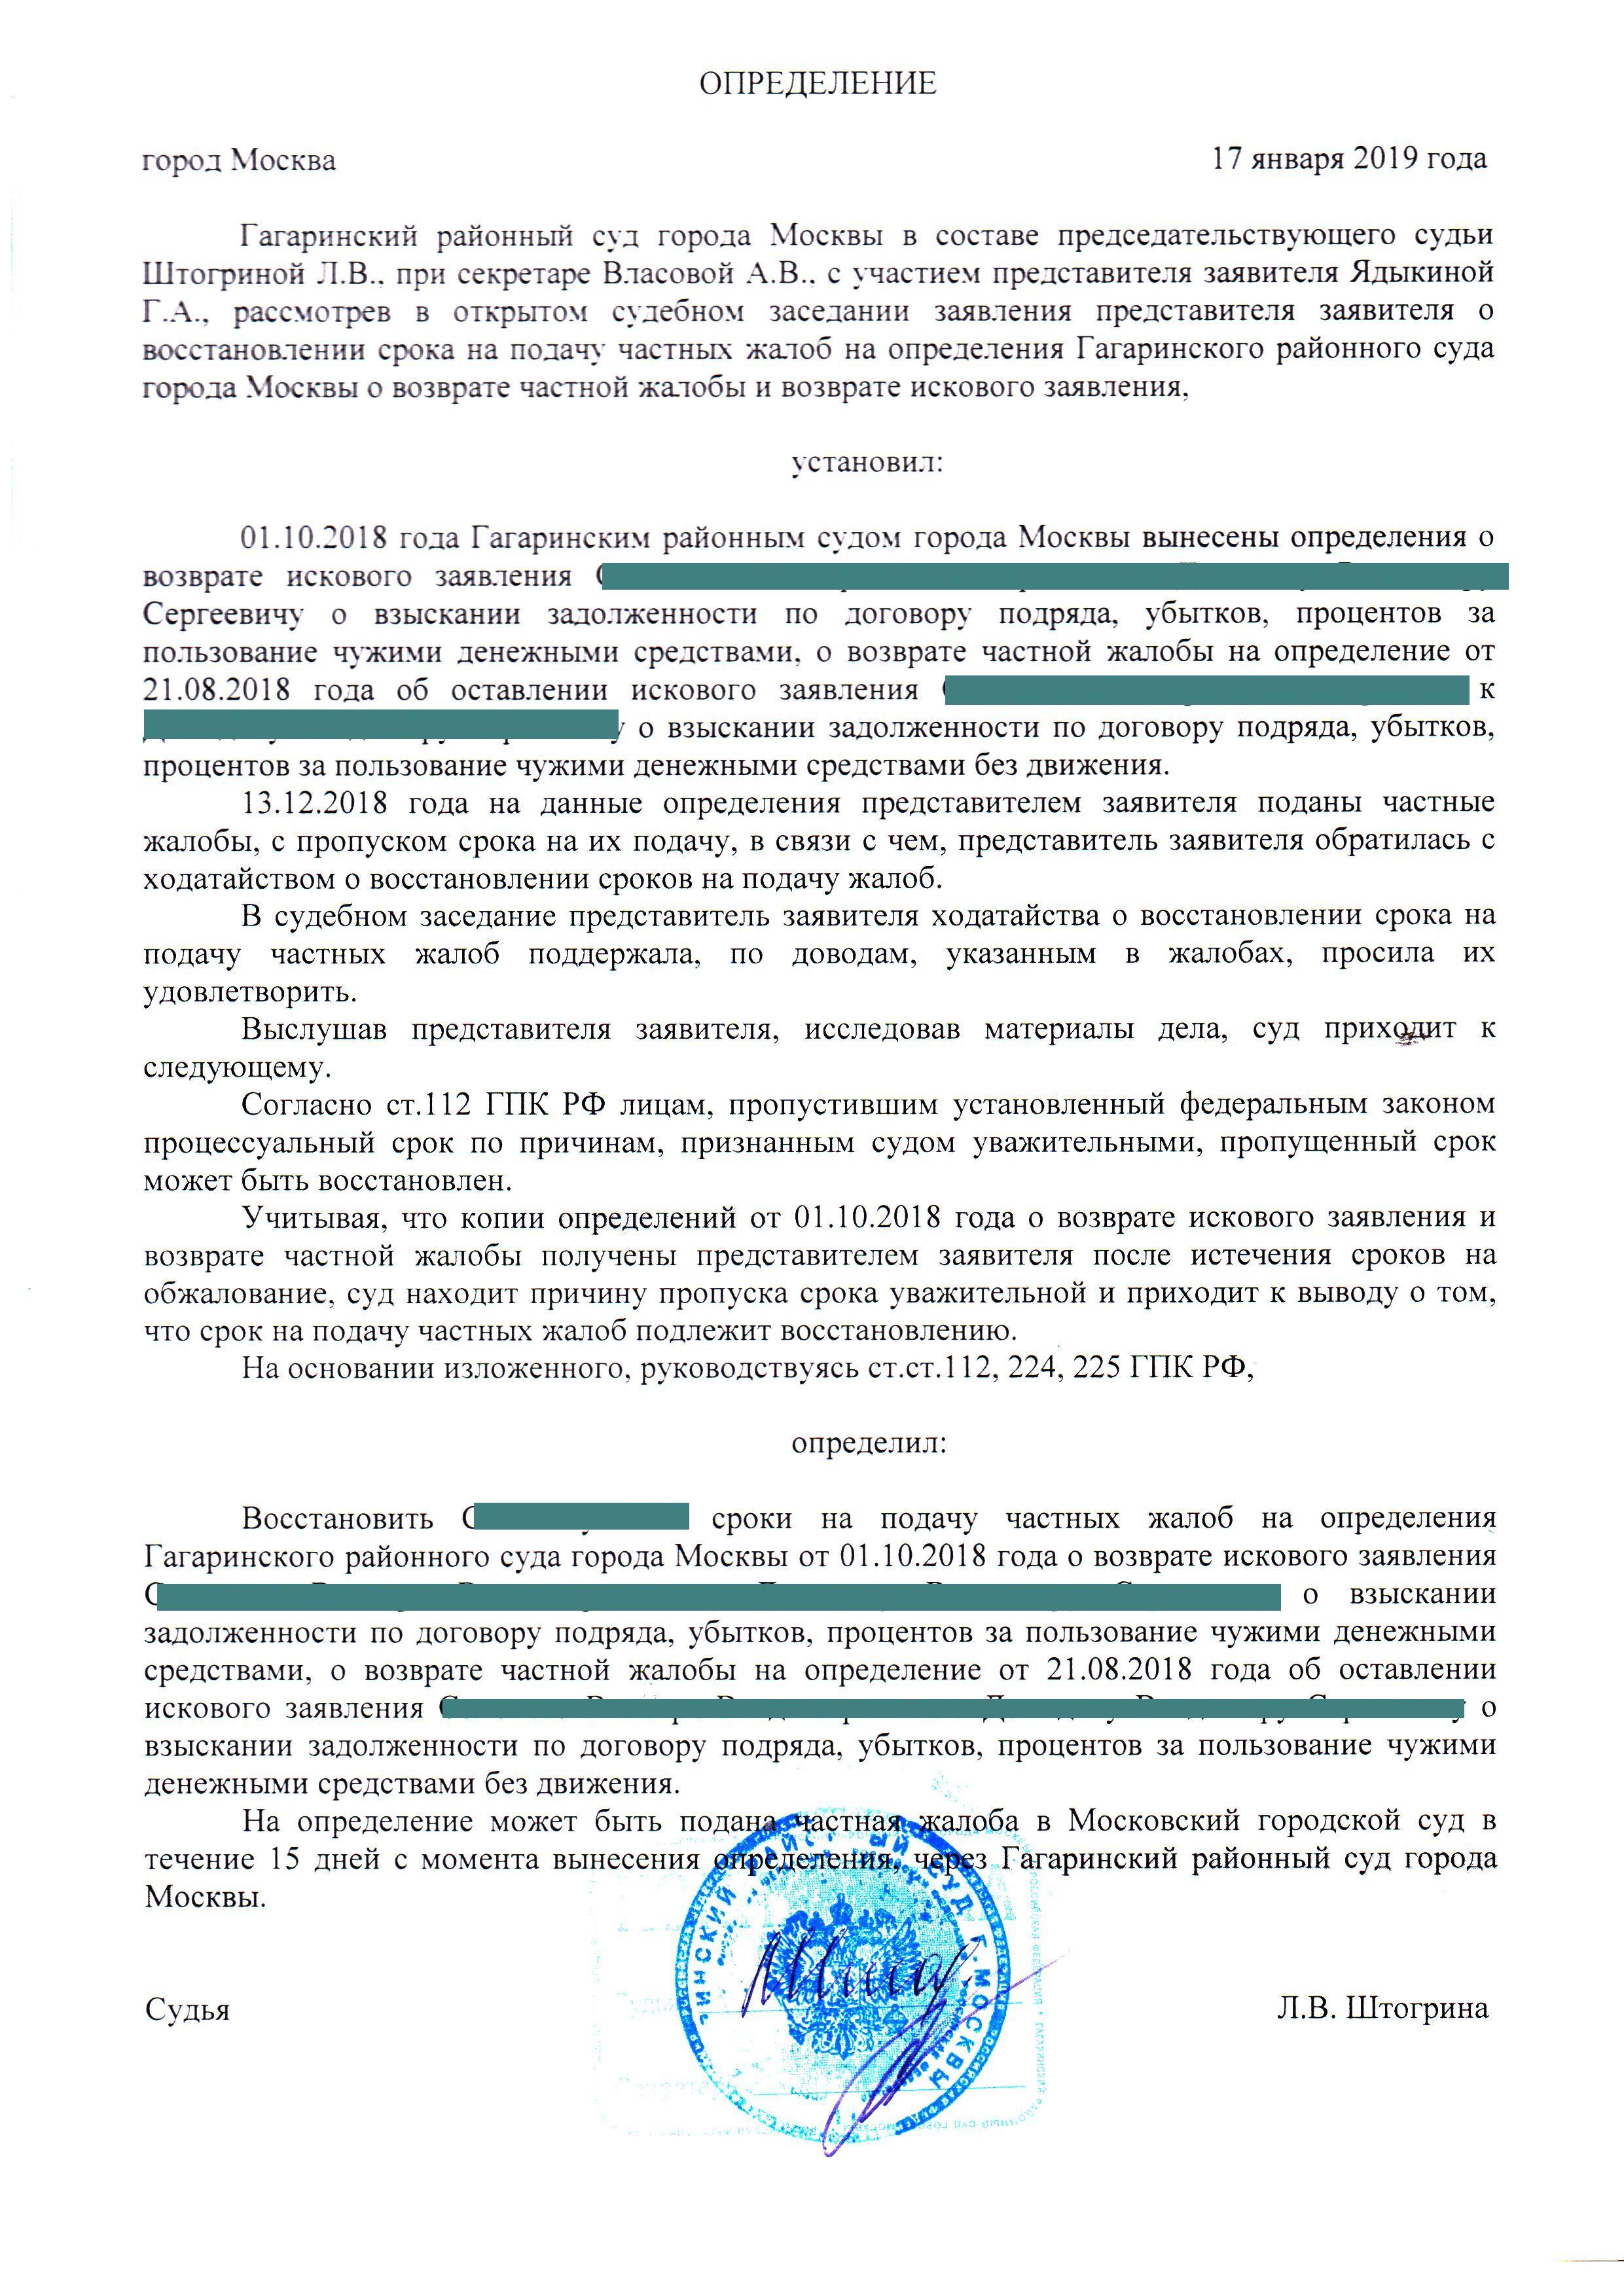 Правила регистрации иностранных граждан для организации